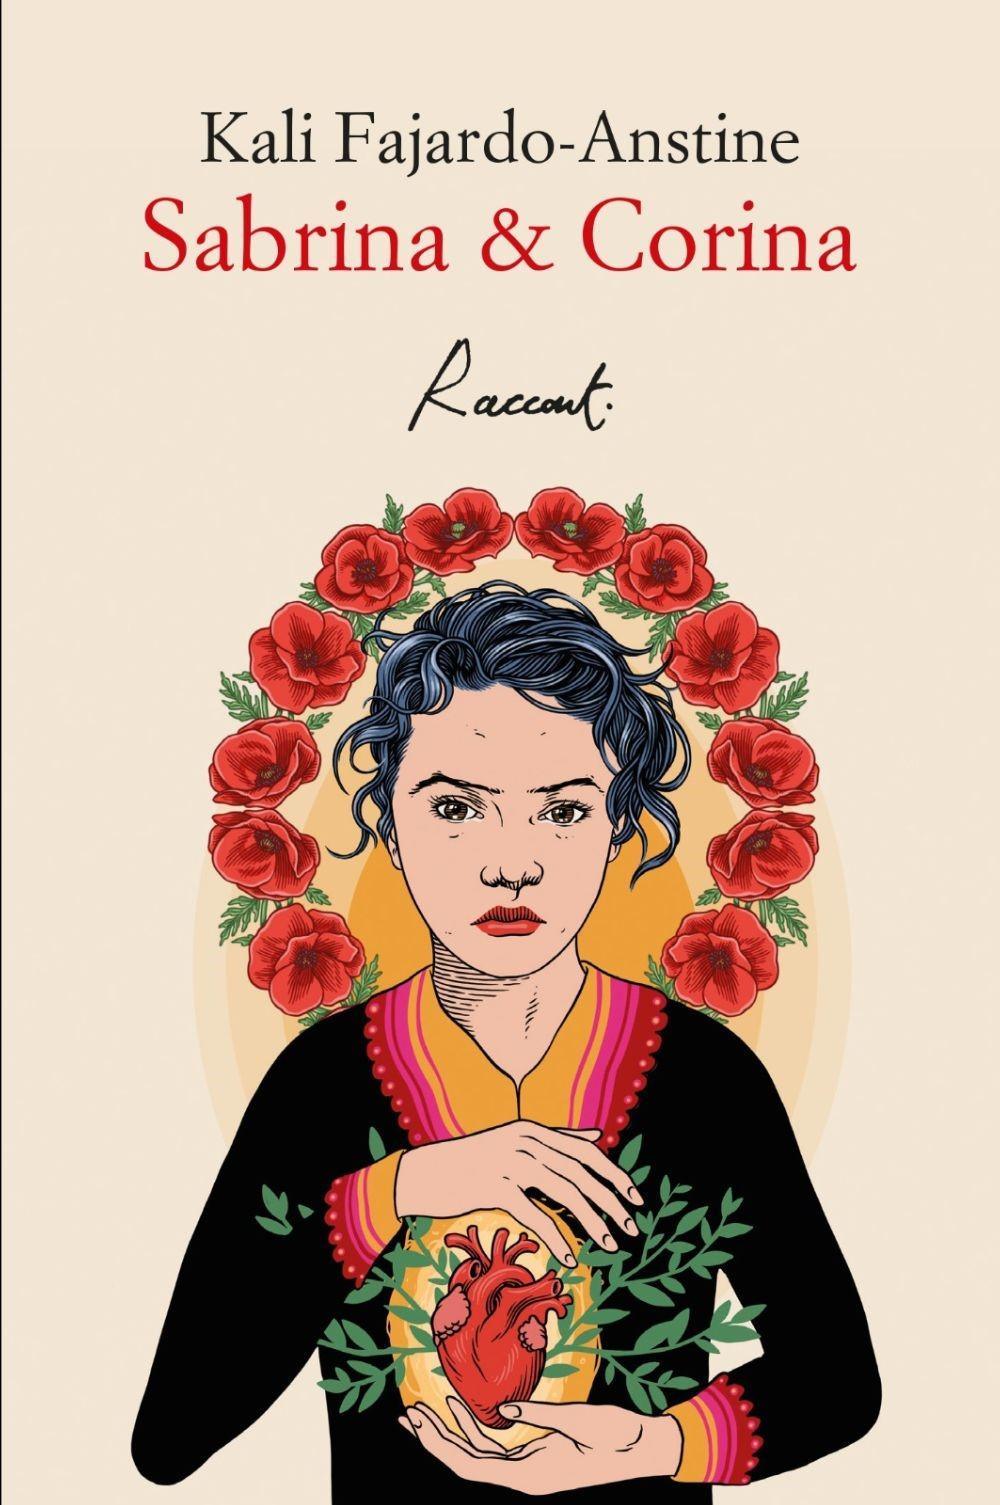 Sabrina & Corina - Kali Fajardo-Anstine